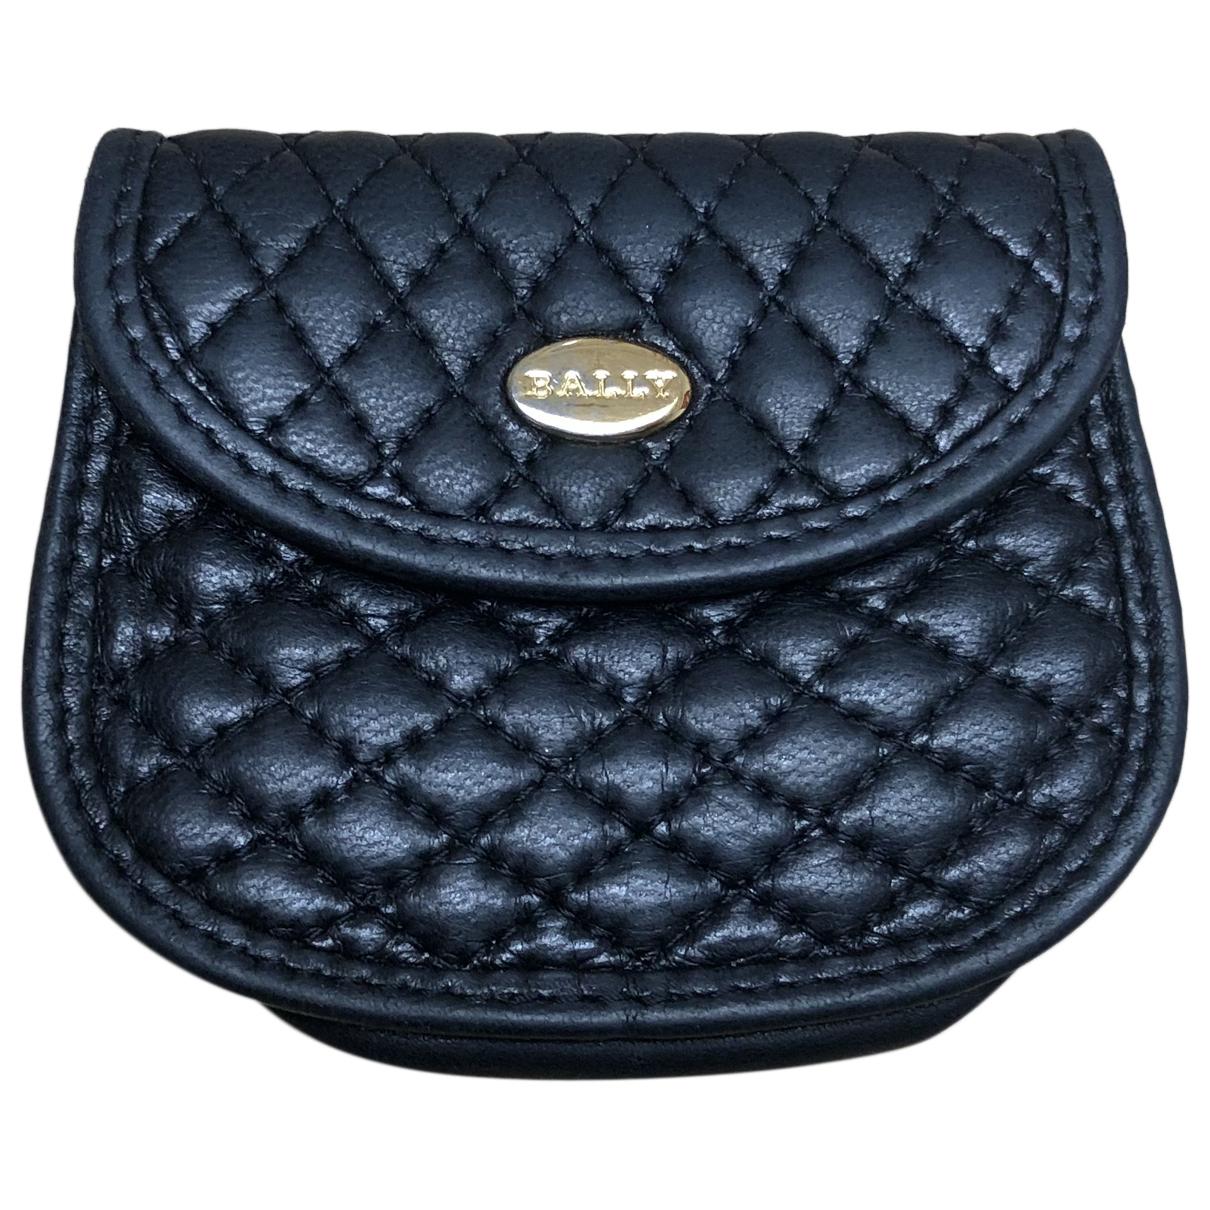 Bally - Portefeuille   pour femme en cuir - noir